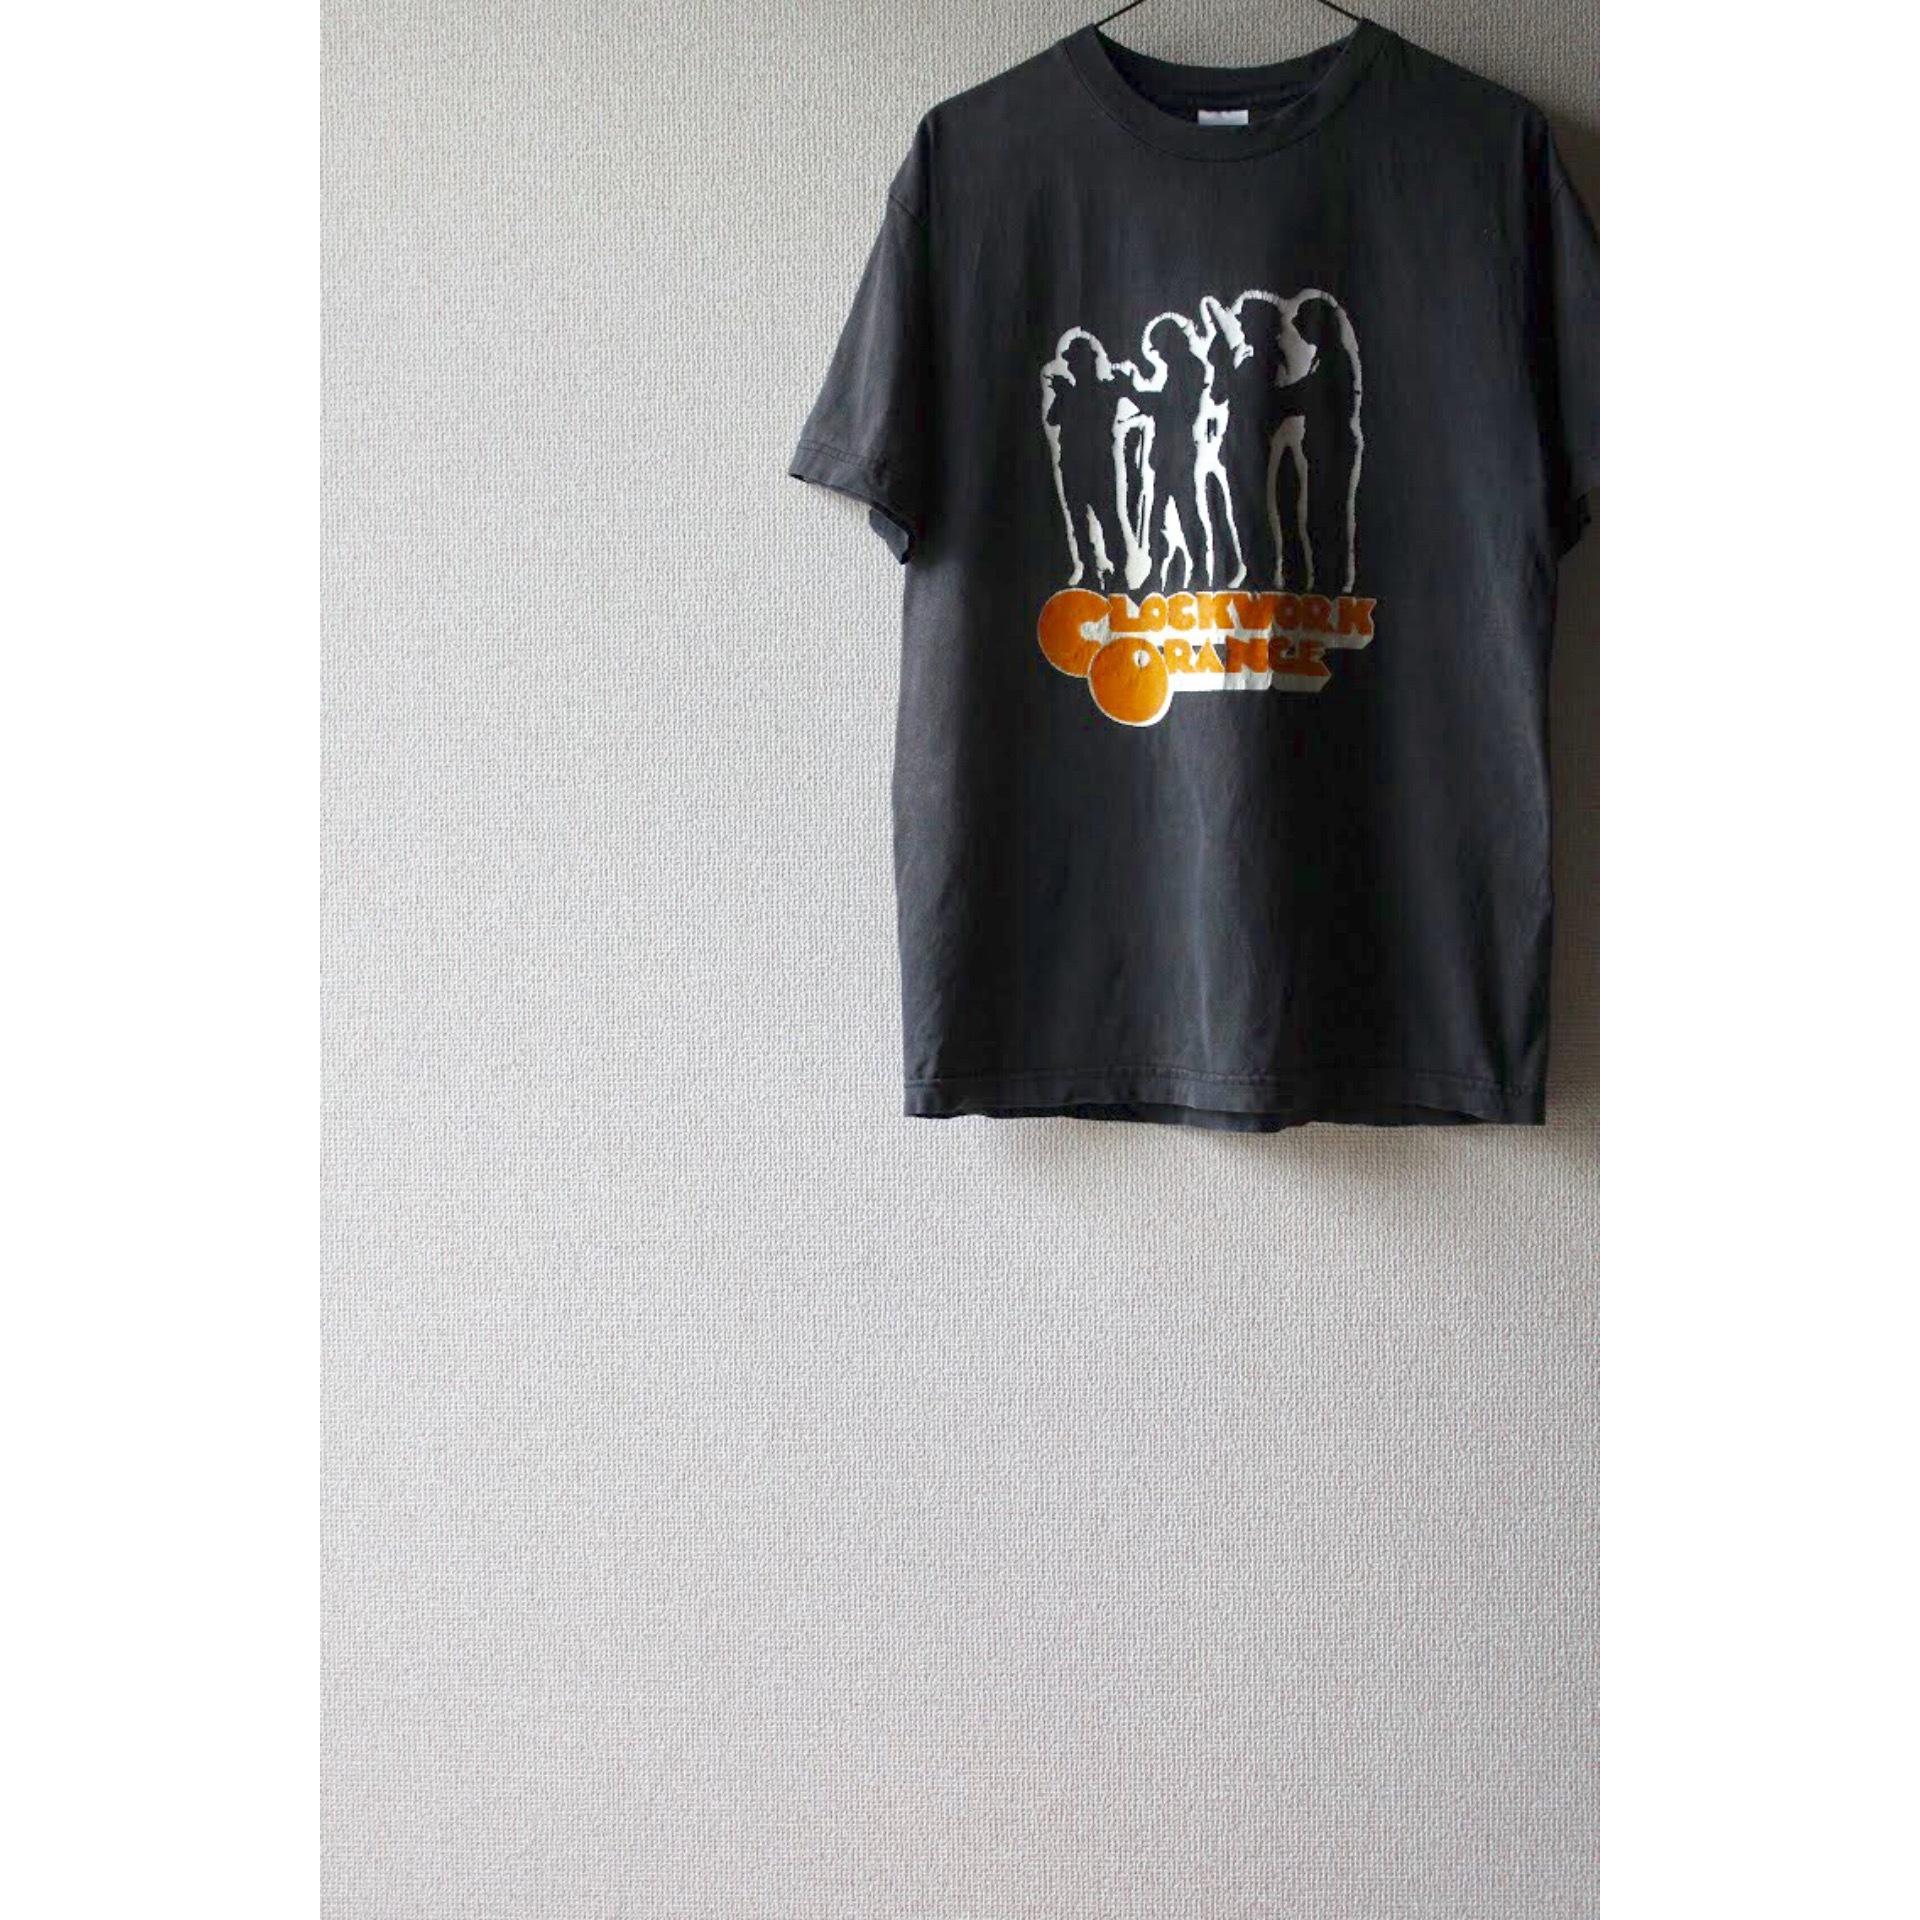 Vintage Clockwork Orange t shirt